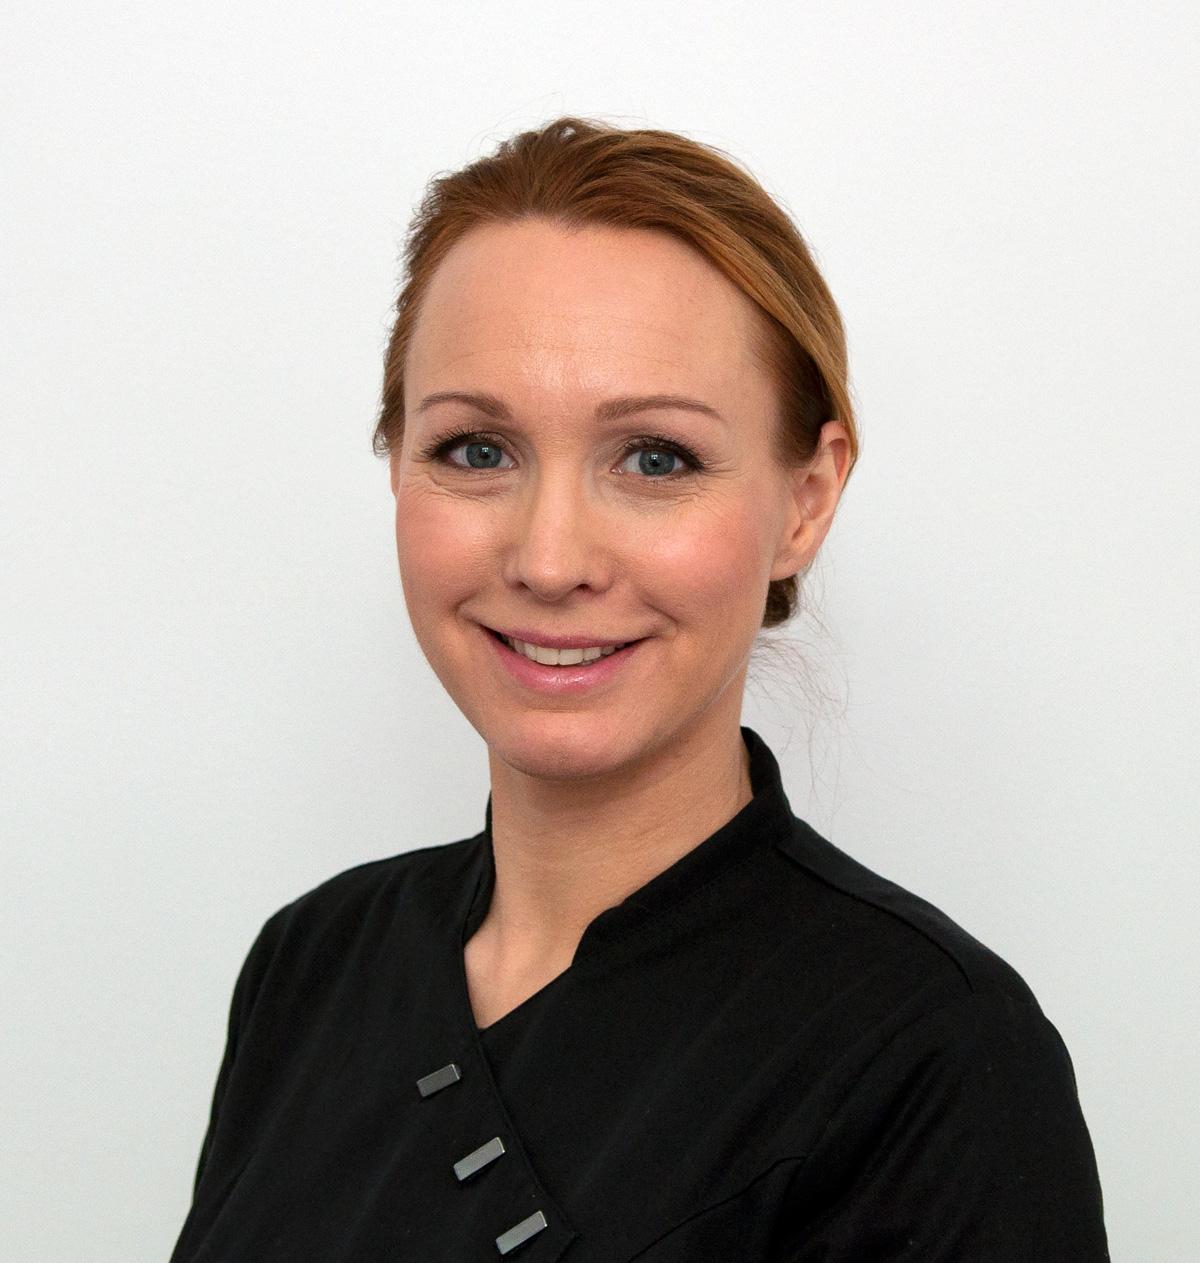 Maria Gylling